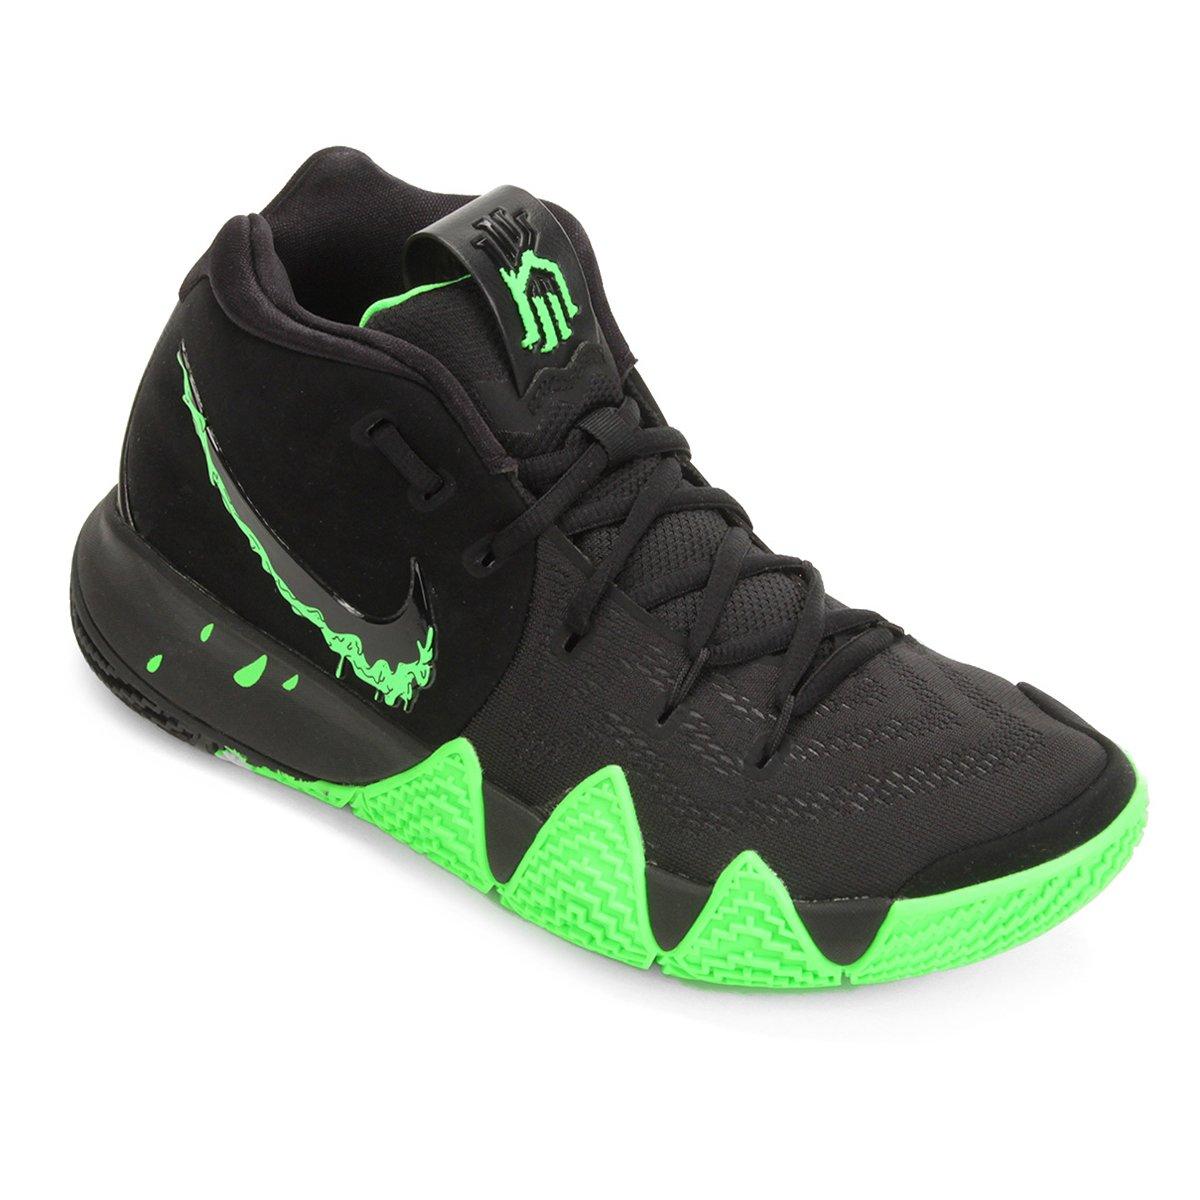 1be008bd246 Tênis Nike Kyrie 4 Masculino - Compre Agora